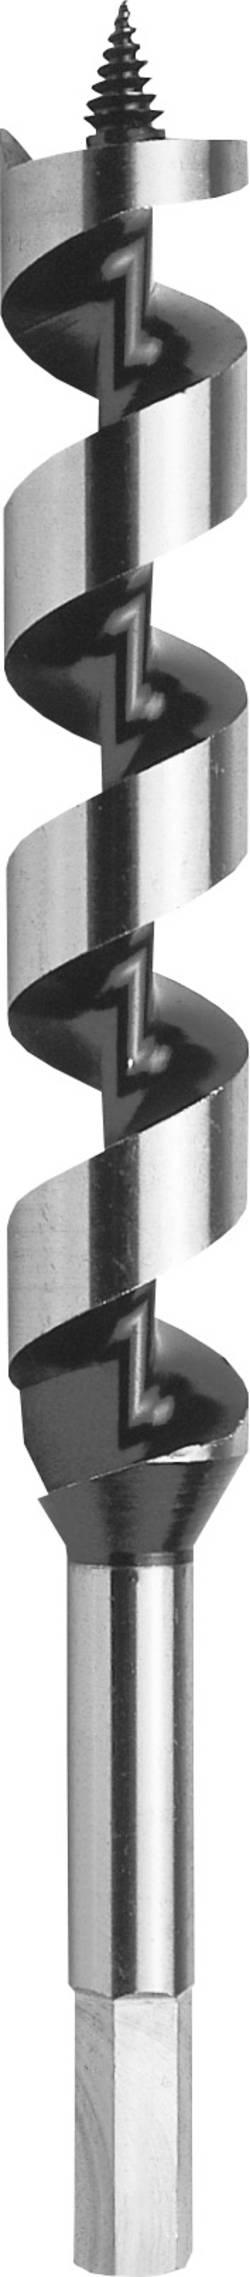 Mèche à bois hélicoïdale, 6 pans 11,0 x 160 x 235 mm Bosch 2609255235